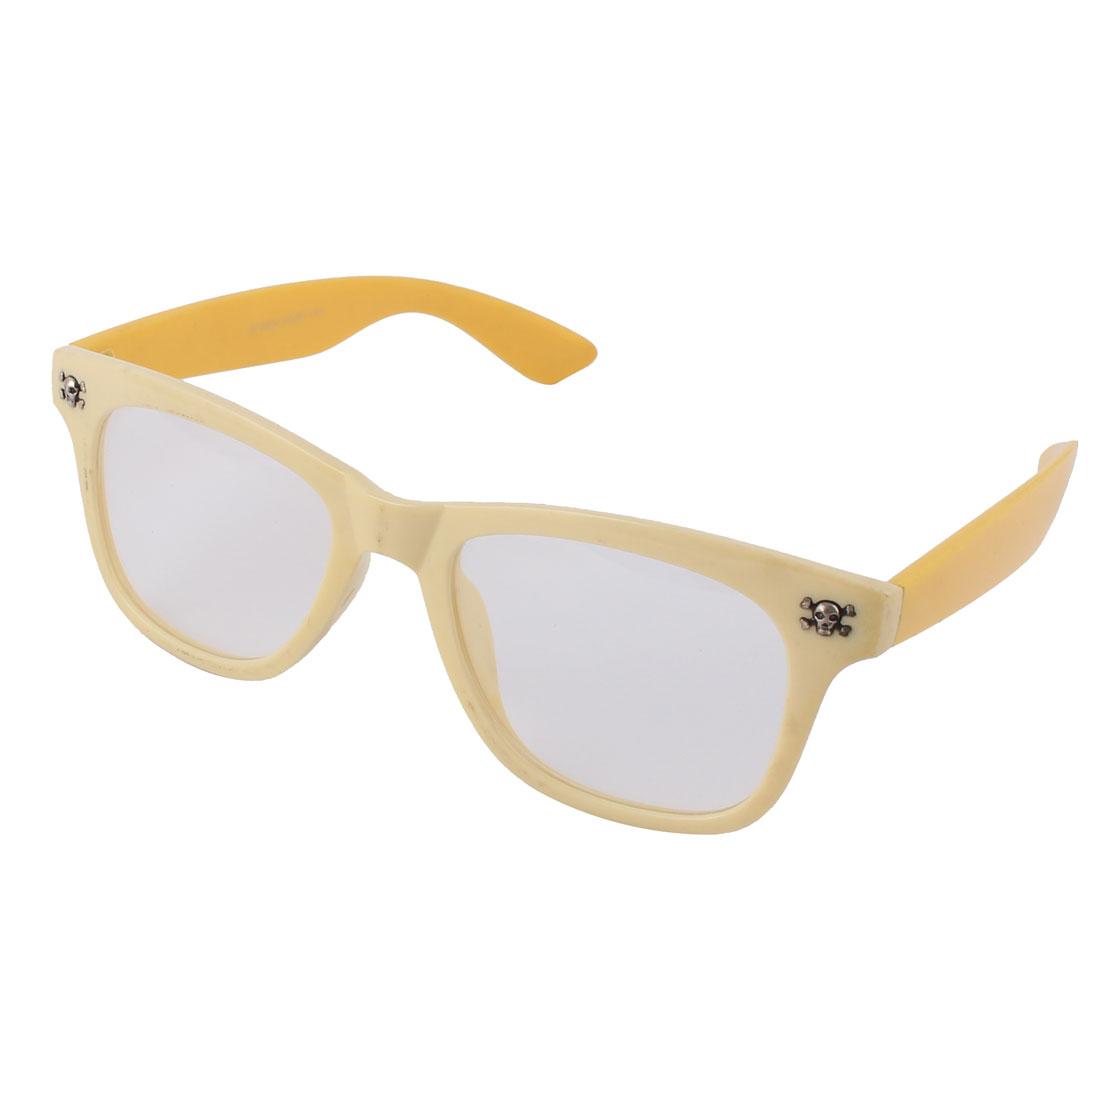 Plastic Skull Decor Clear Lens Yellow Full Frame Eyewear Plain Glasses